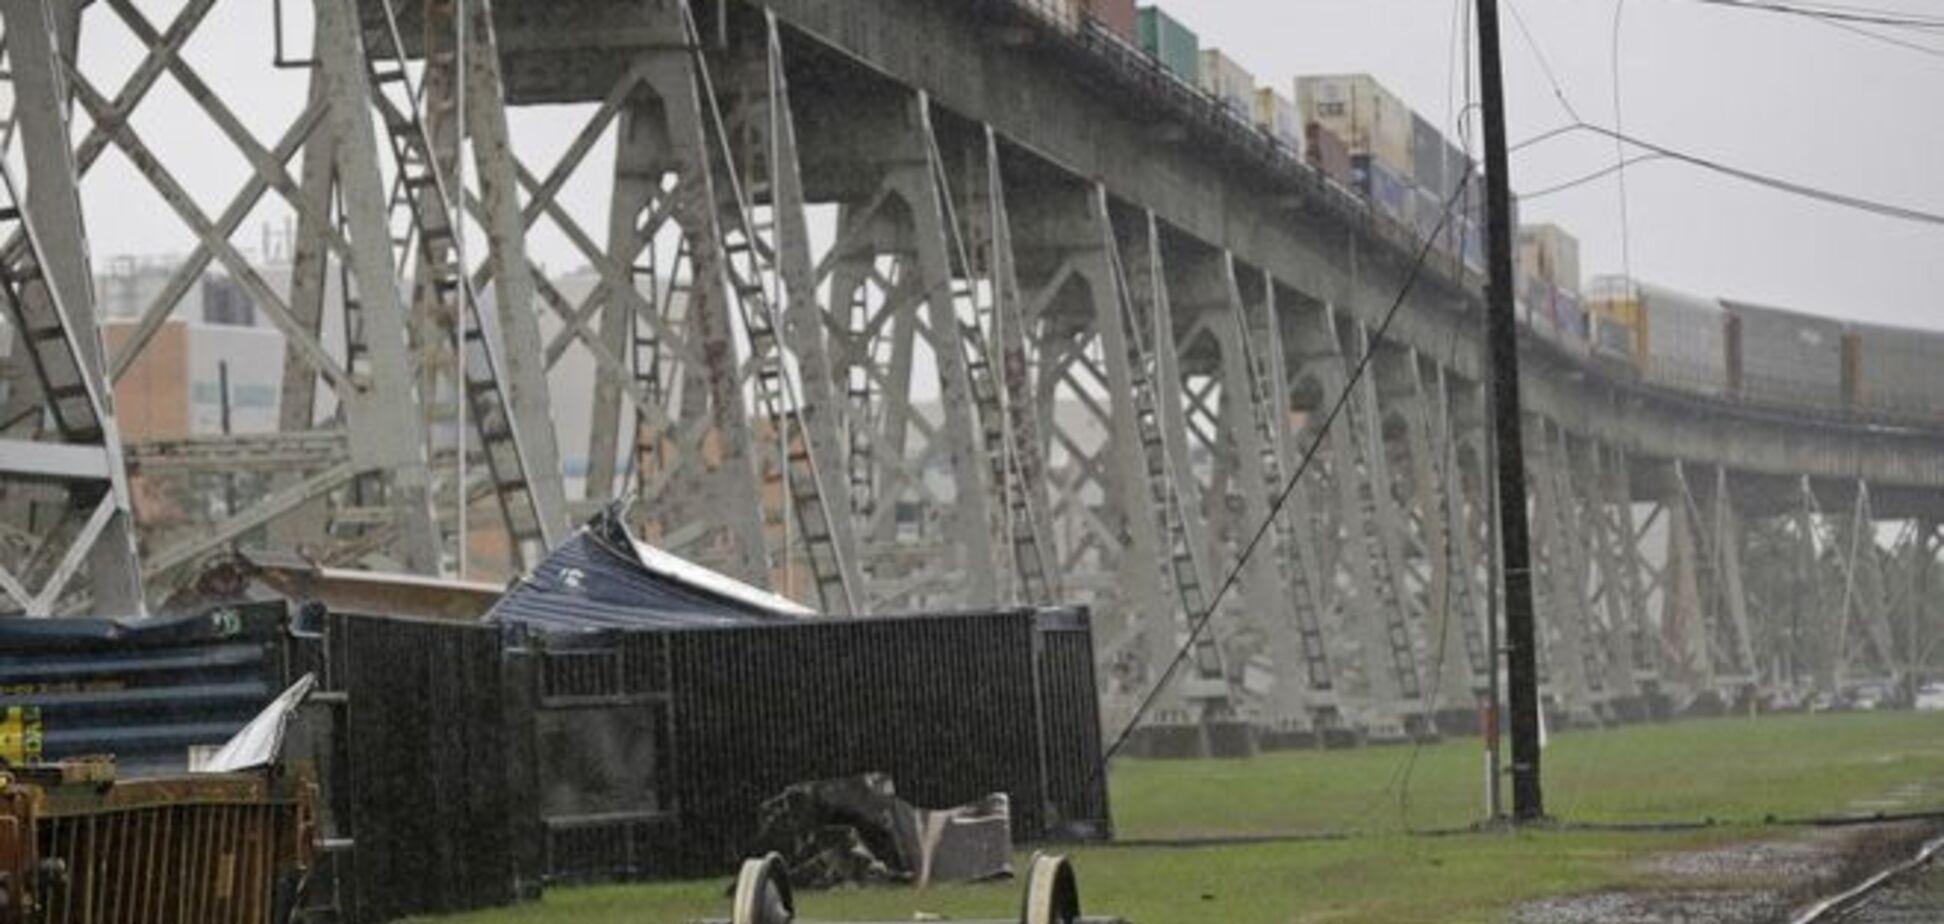 Сильный ветер снес поезд с моста: опубликовано видео